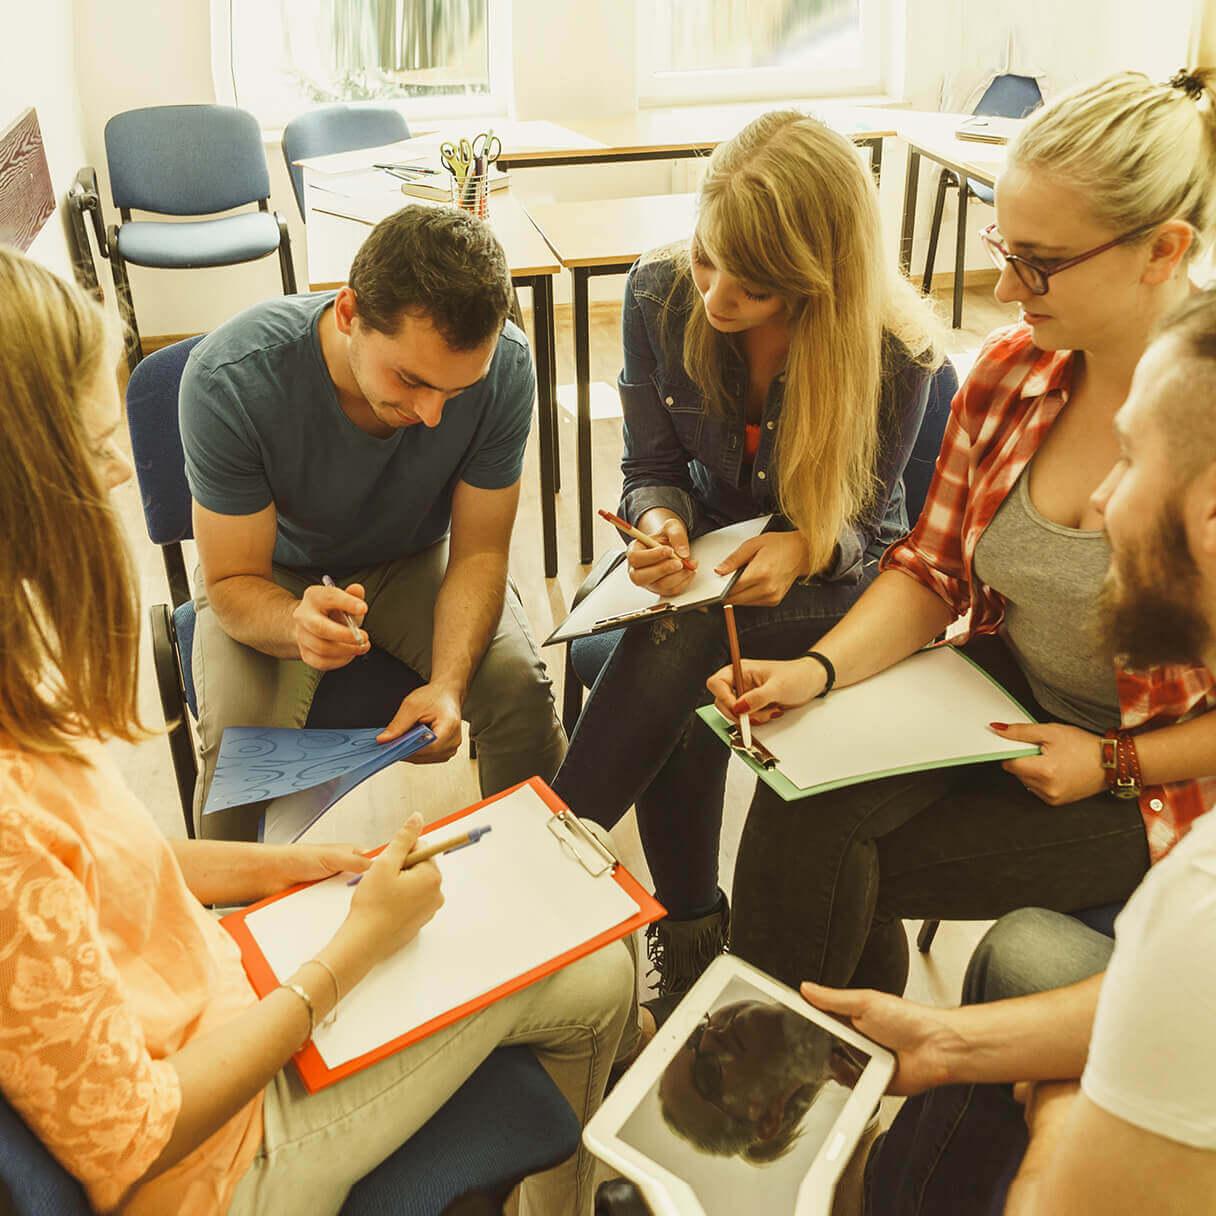 Grupo de estudantes sentados com prancheta nas mãos